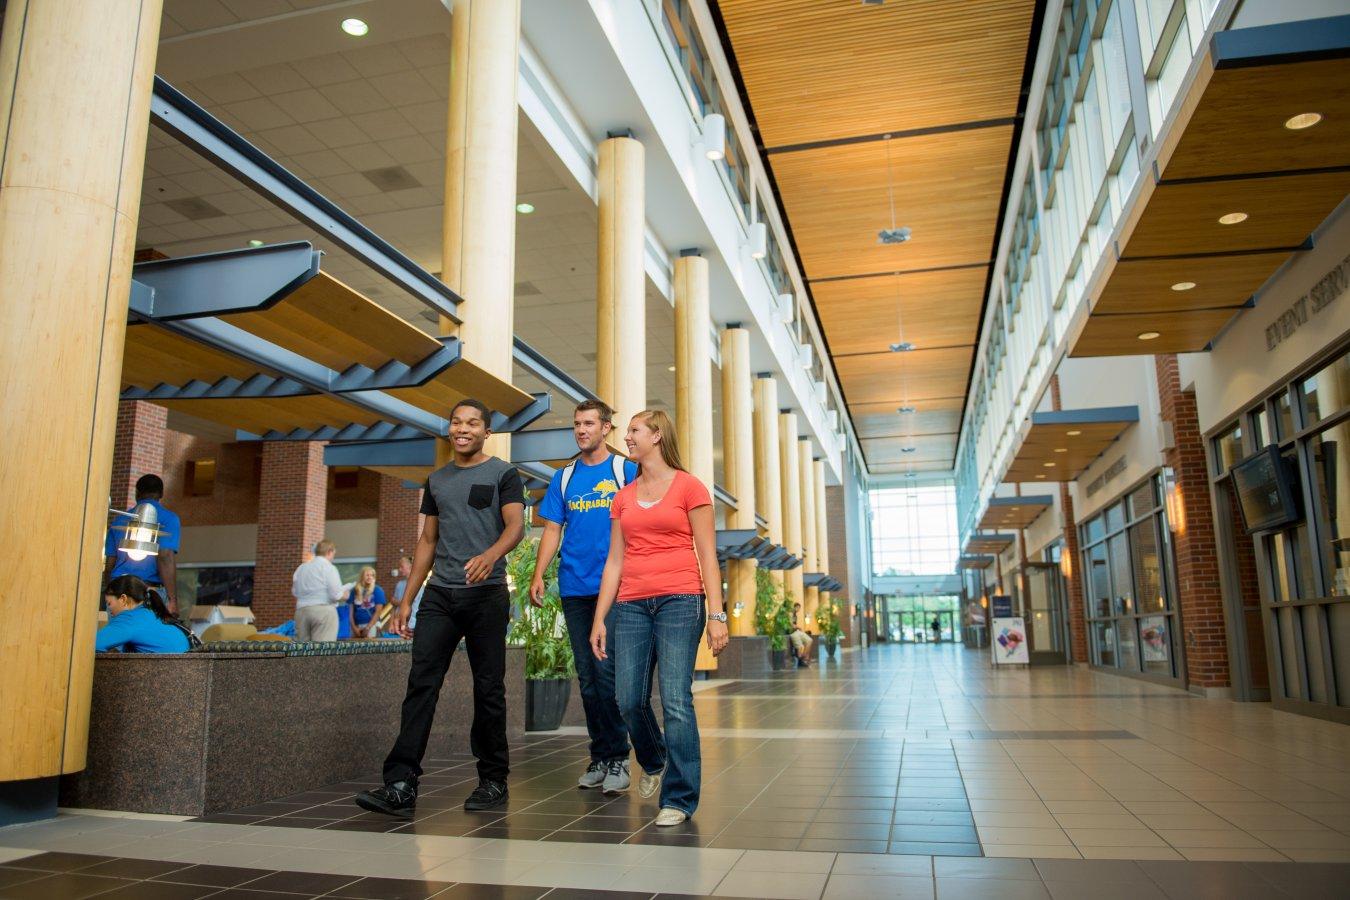 Student Union South Dakota State University